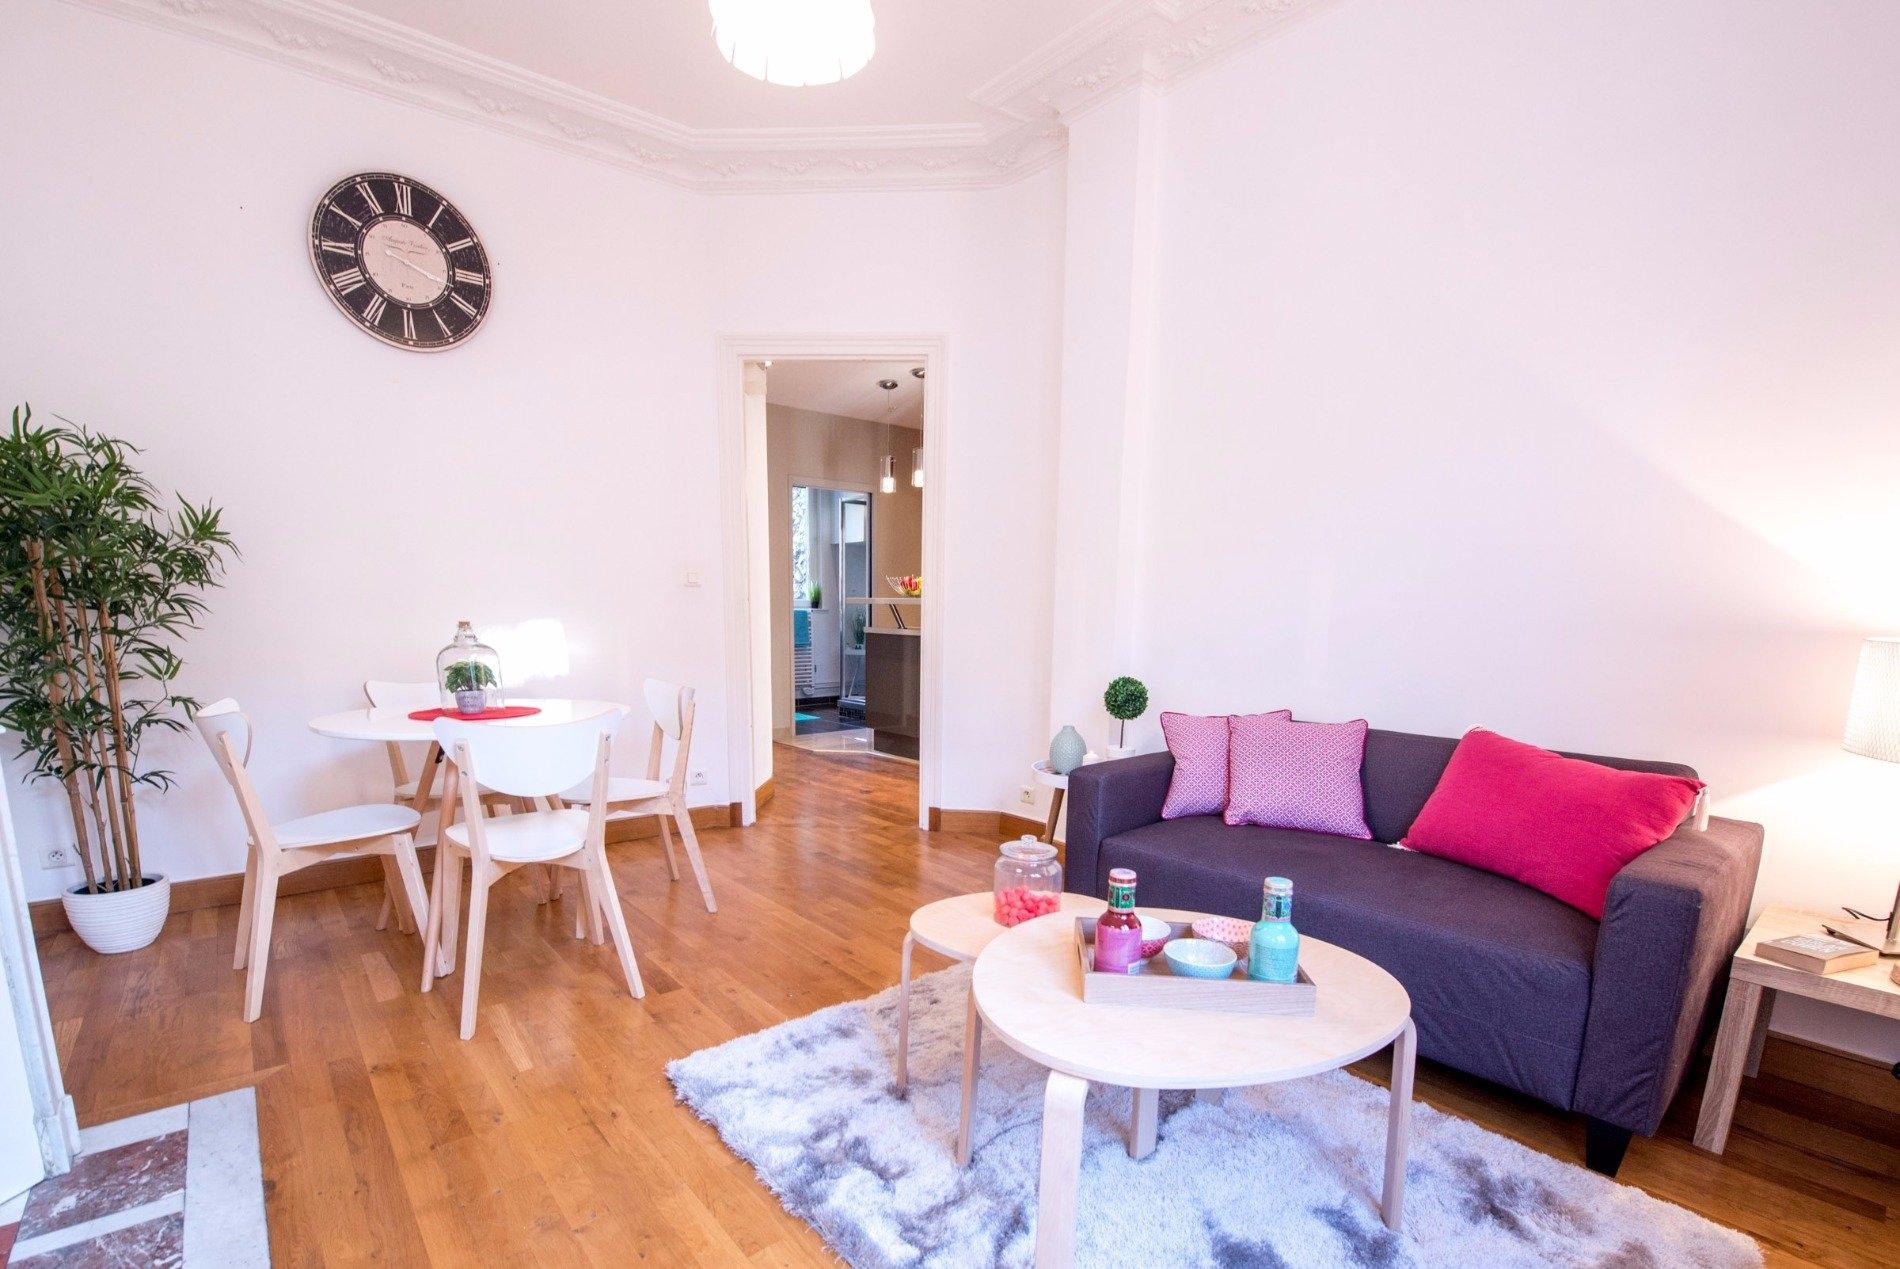 Appartement Reims 2 Pièces 39.69 m2 - 3